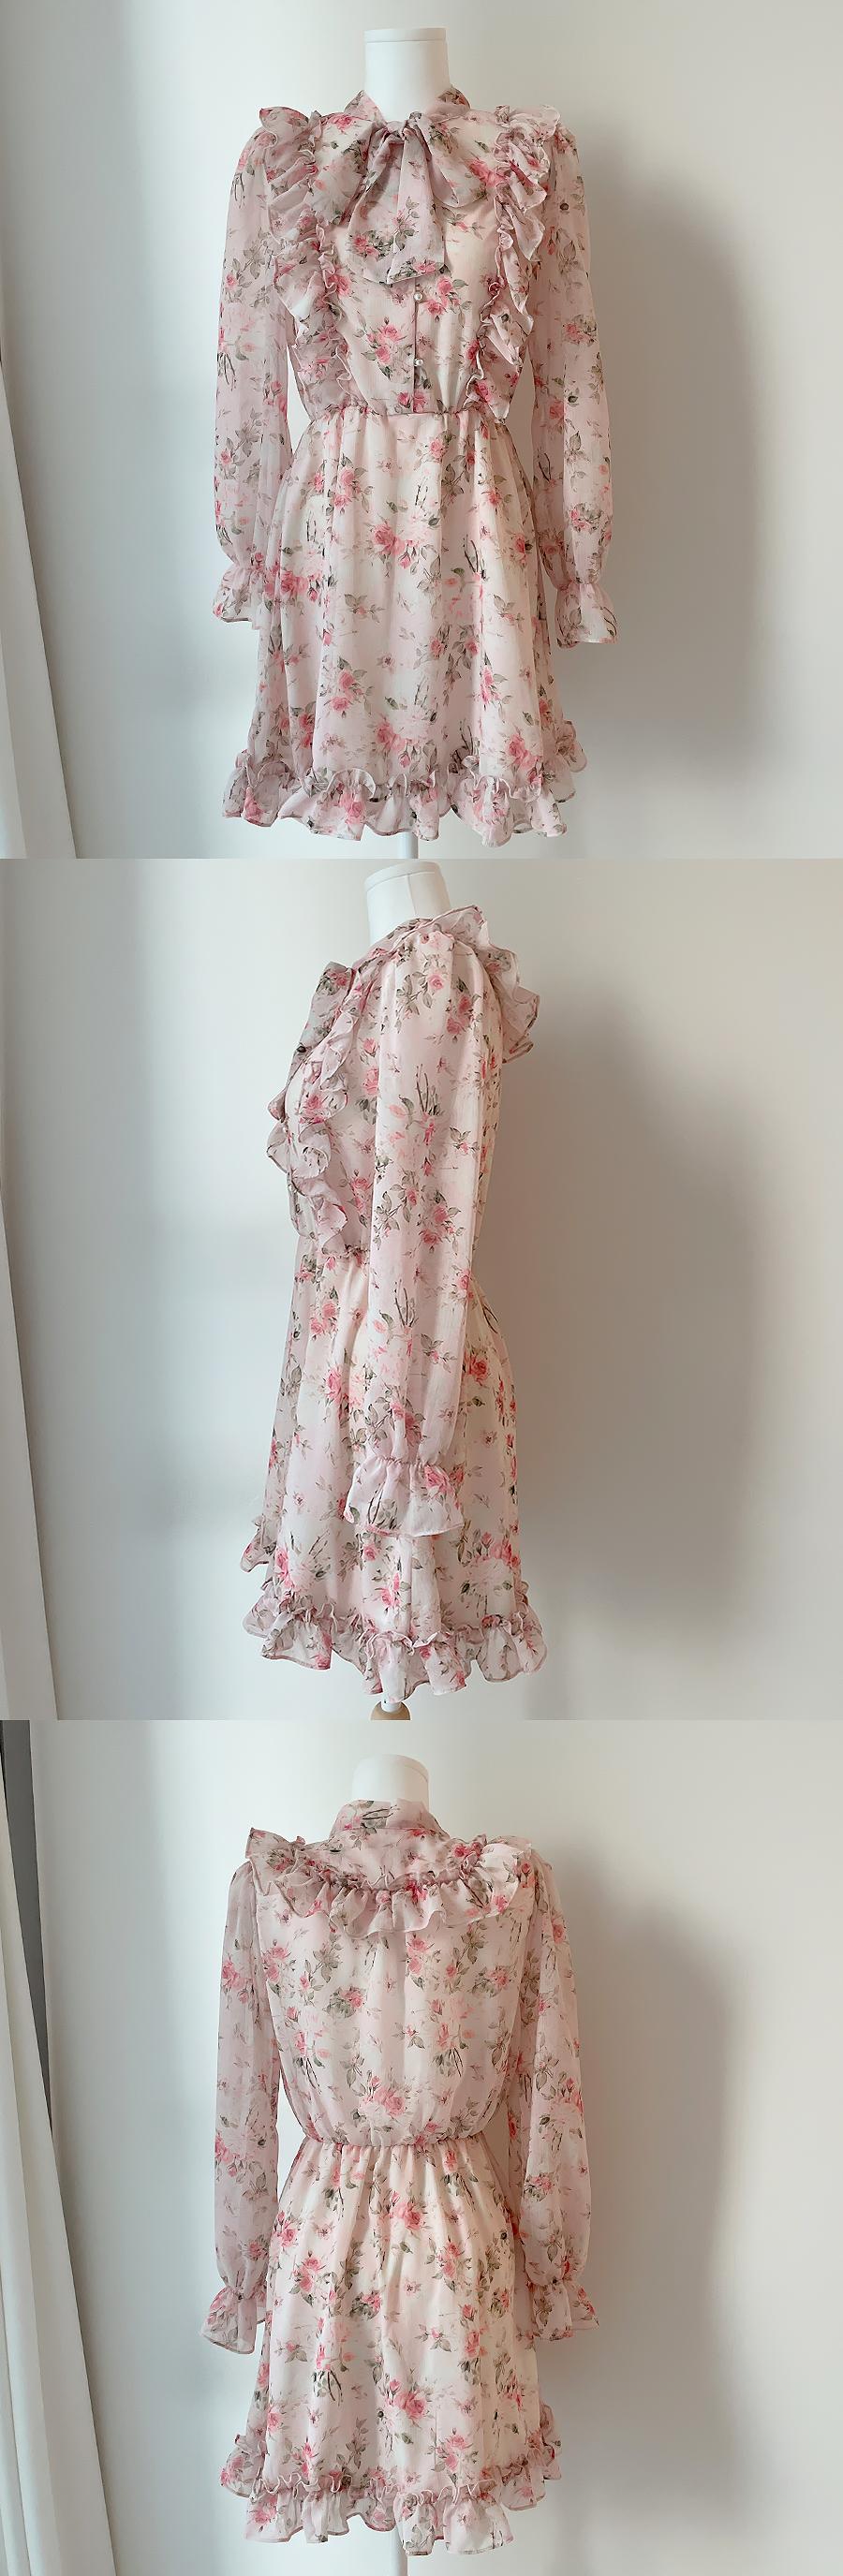 Celine floral tie dress 2color